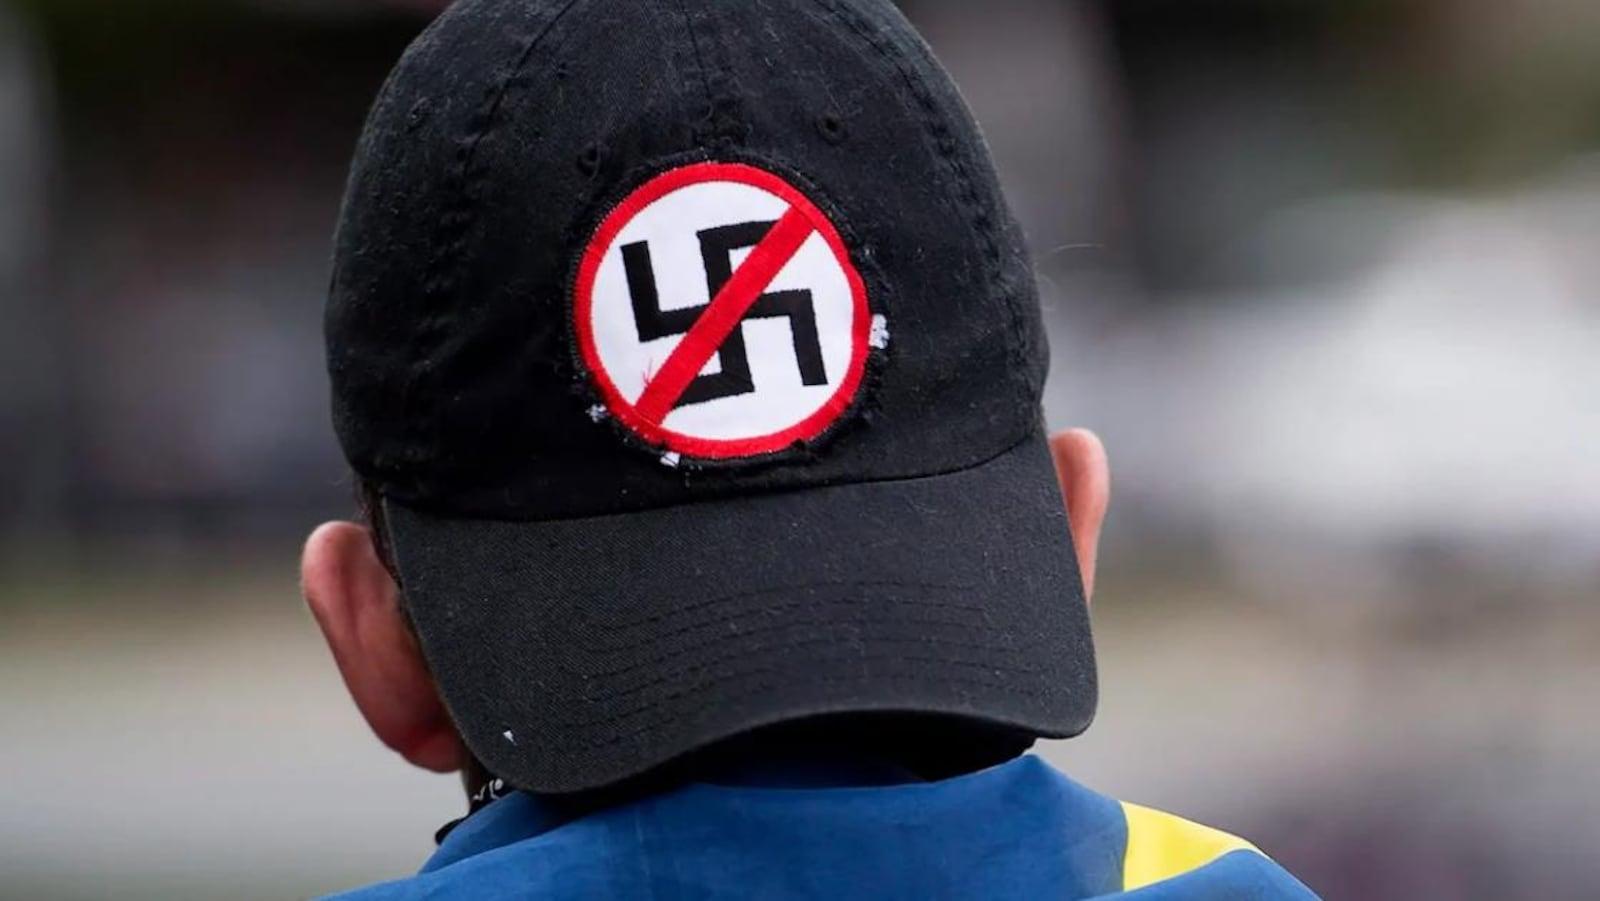 Gros plan sur le derrière d'une casquette noire avec le symbole anti-nazi.